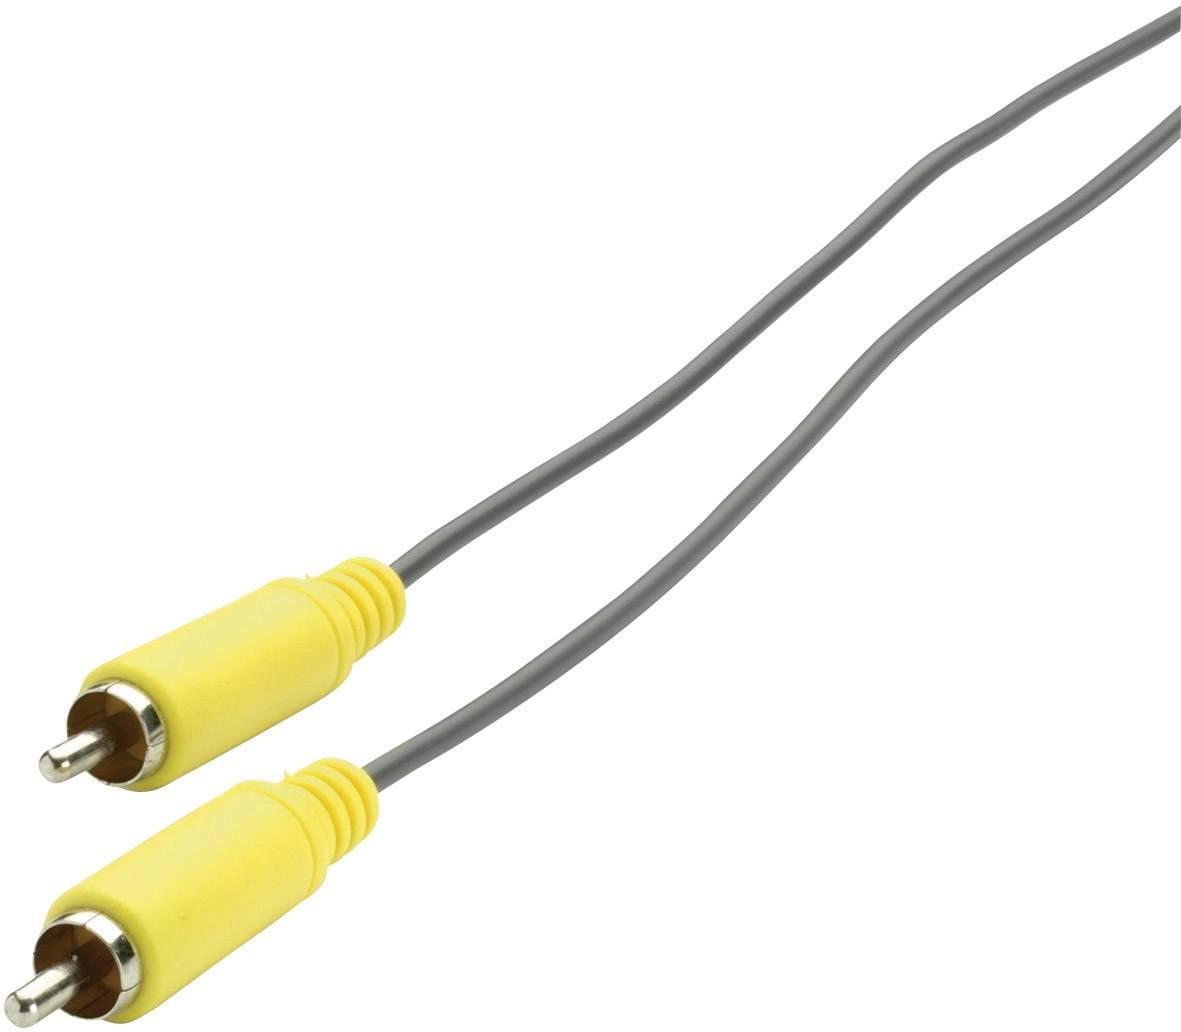 Prepojovací audio kábel SpeaKa Professional, cinch zástrčka ⇔ cinch zástrčka, žltá / sivá, 3 m